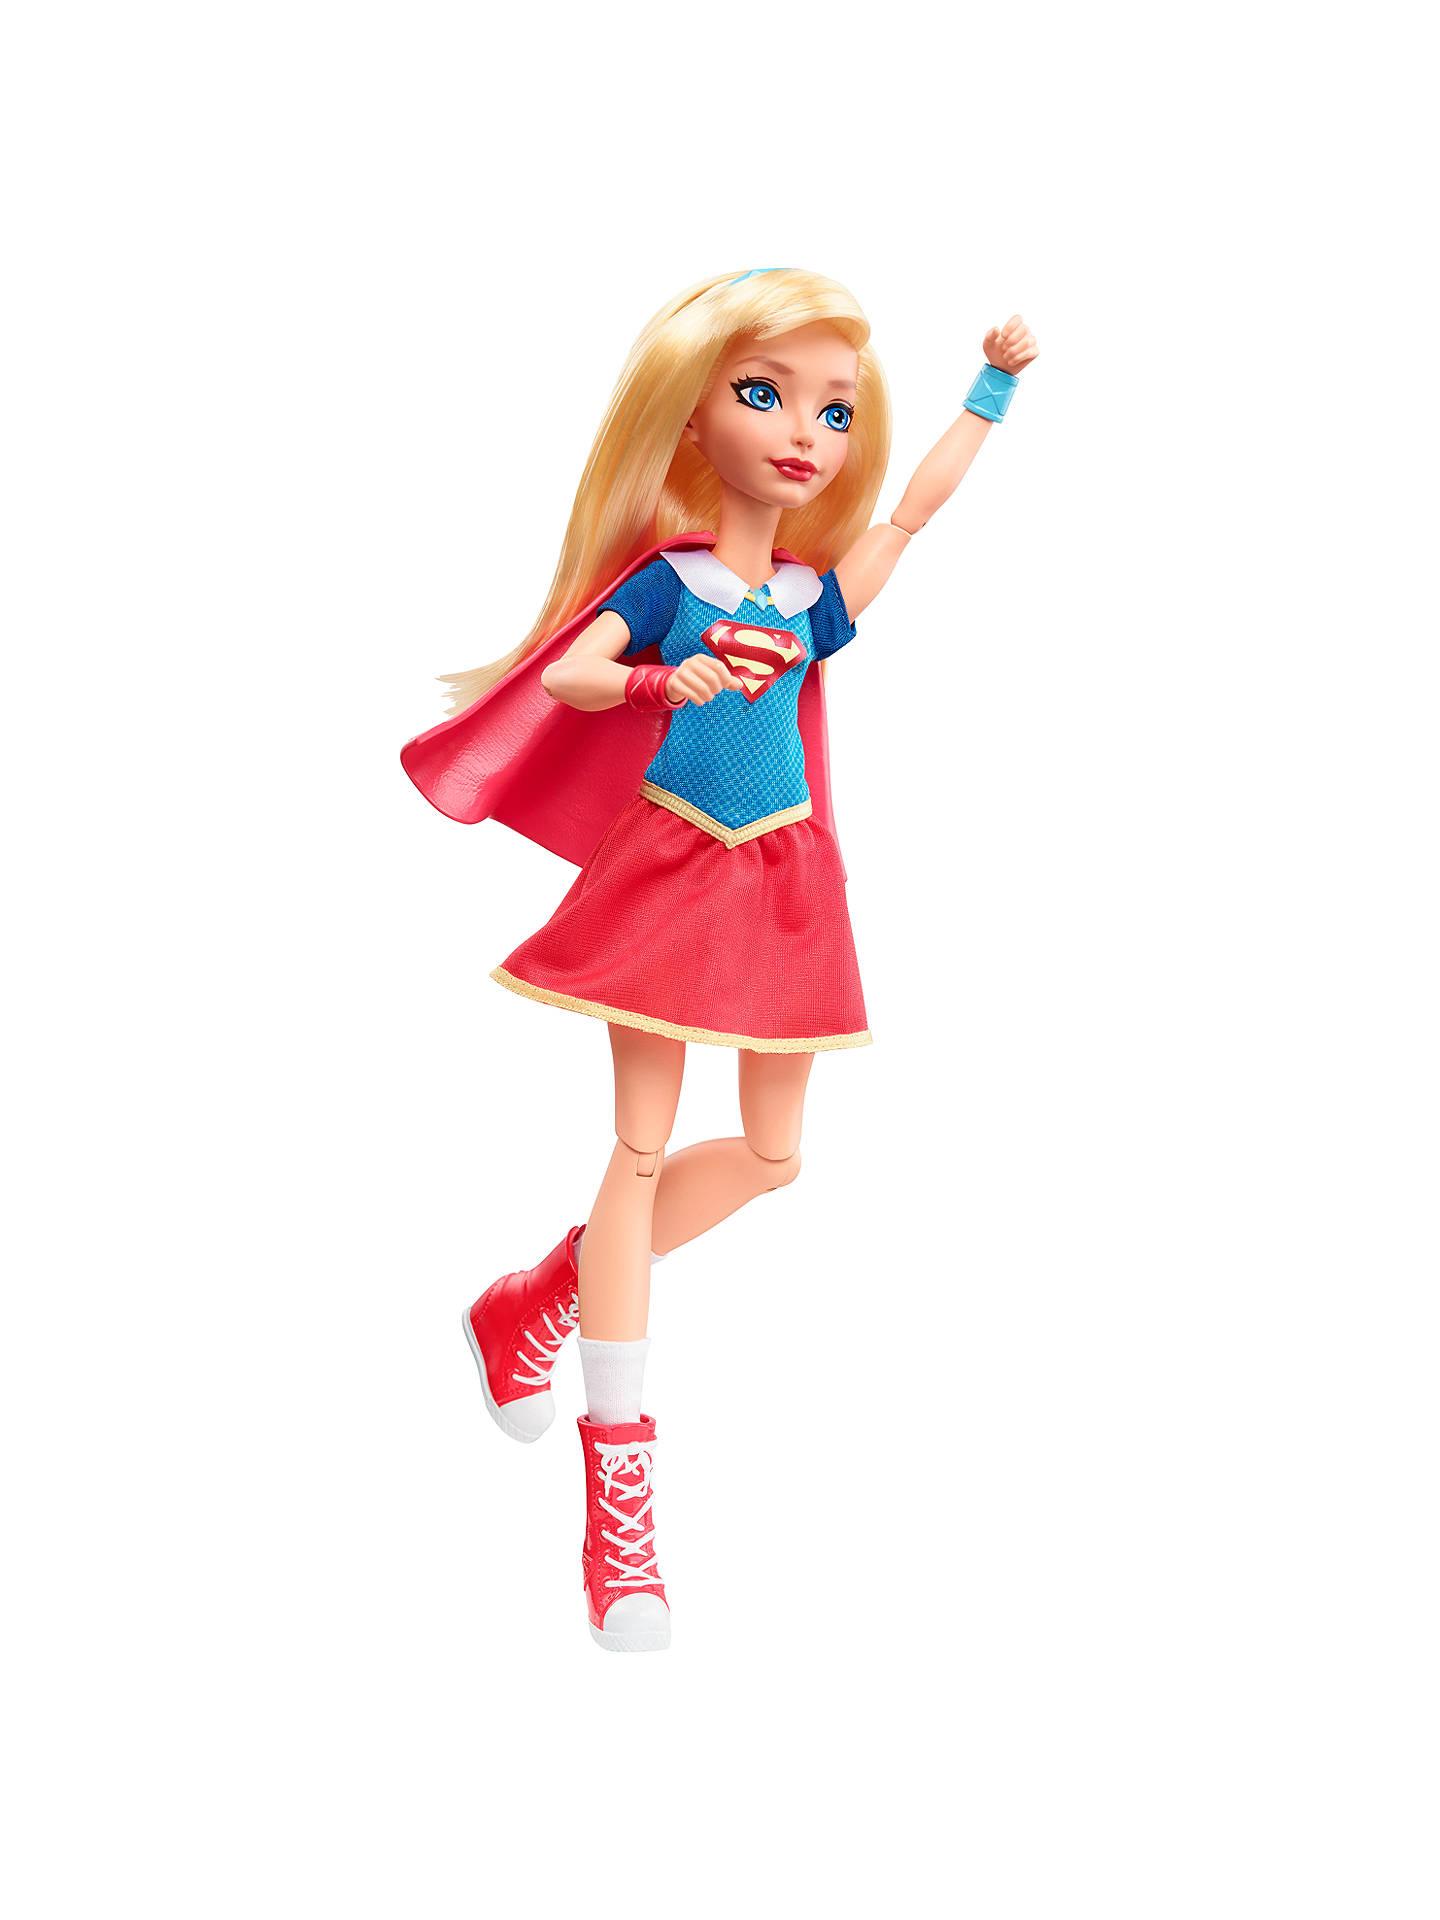 Dc Super Hero Girls Supergirl Action Figure At John Lewis